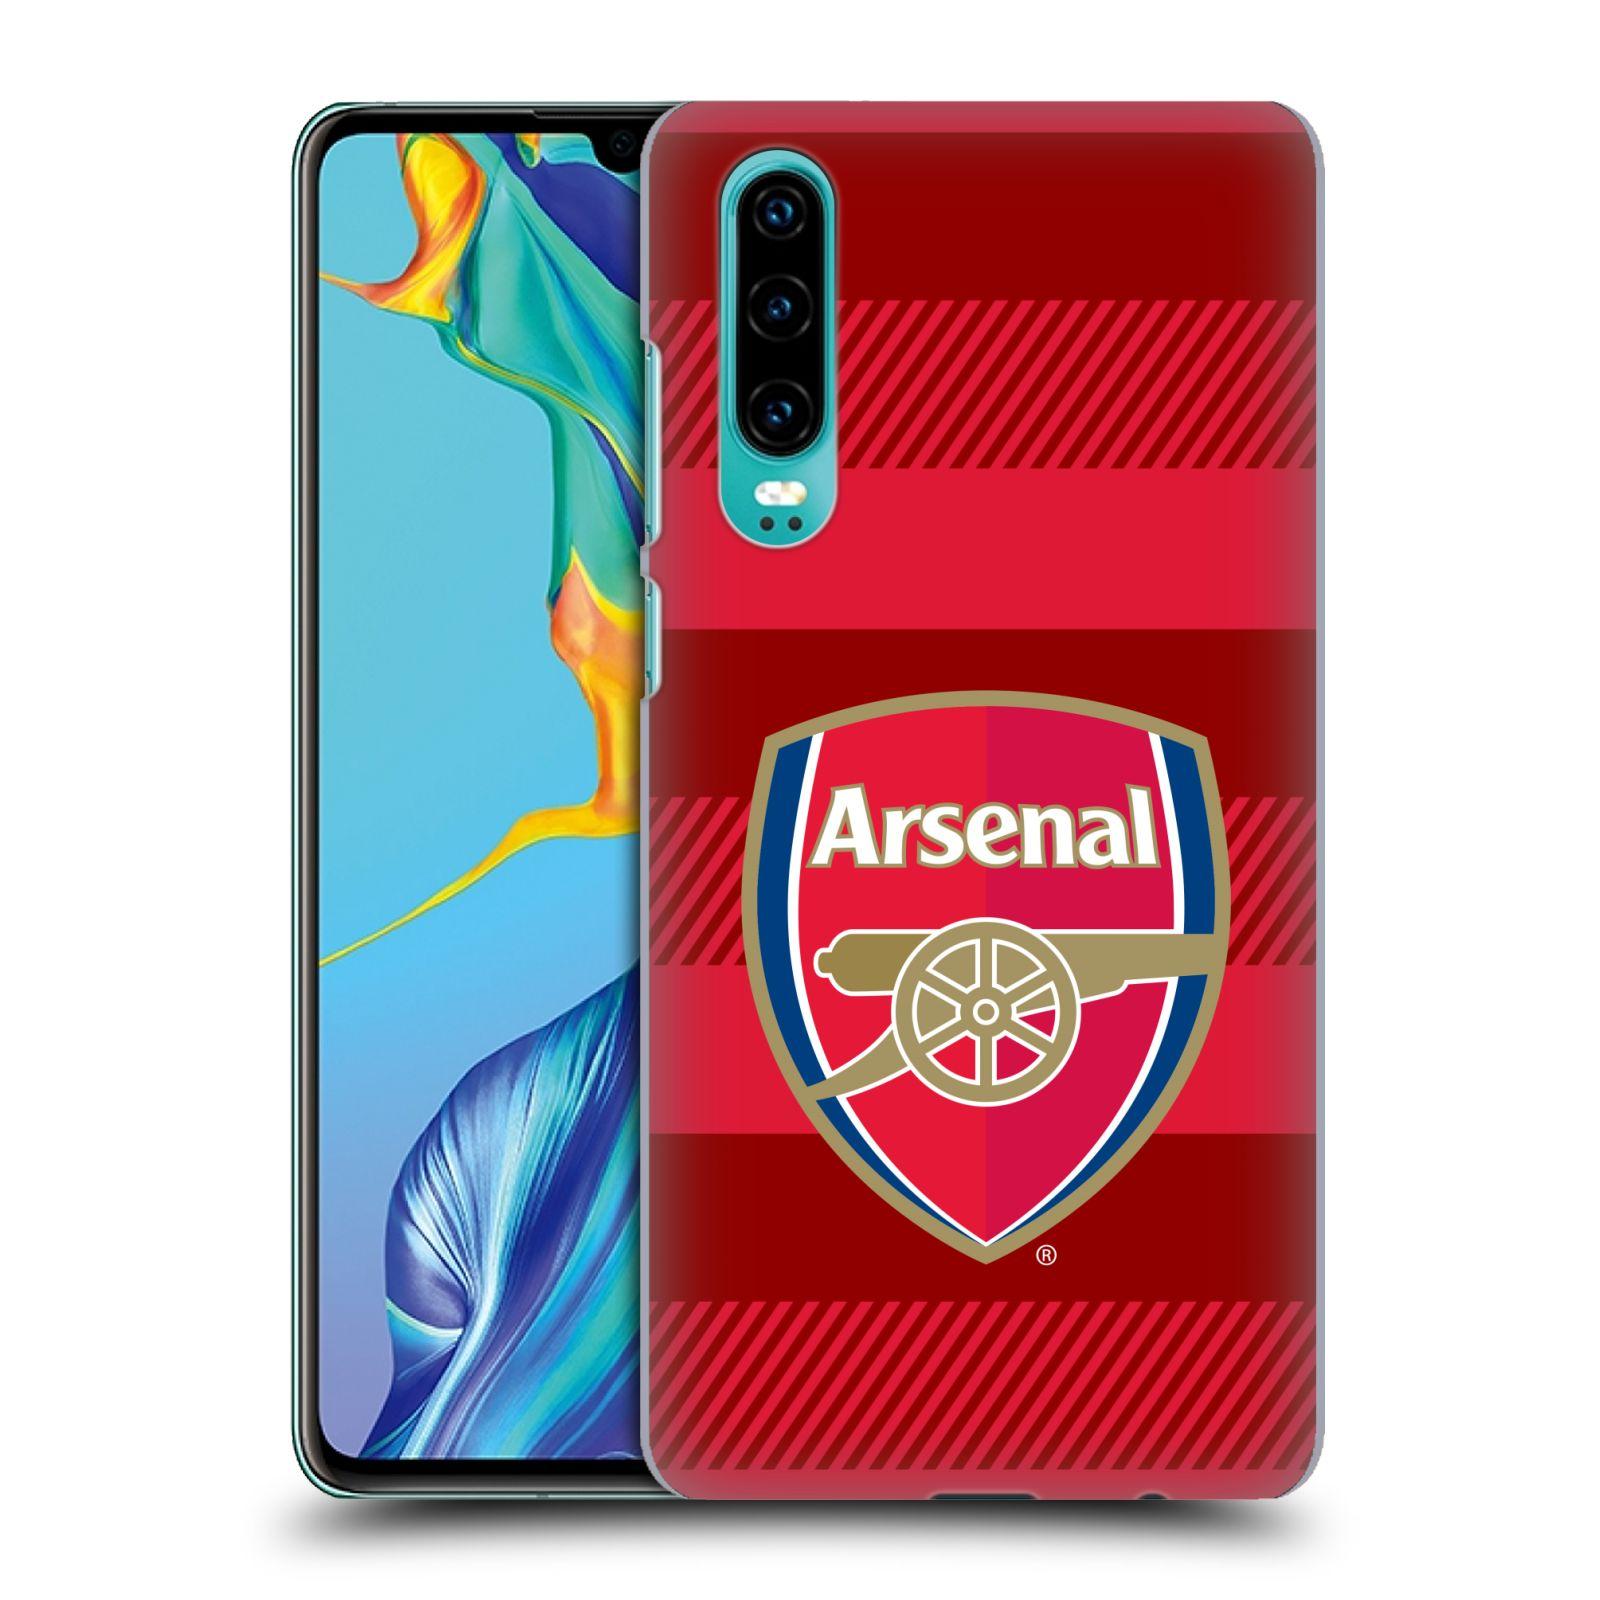 Plastové pouzdro na mobil Huawei P30 - Head Case - Arsenal FC - Logo s pruhy